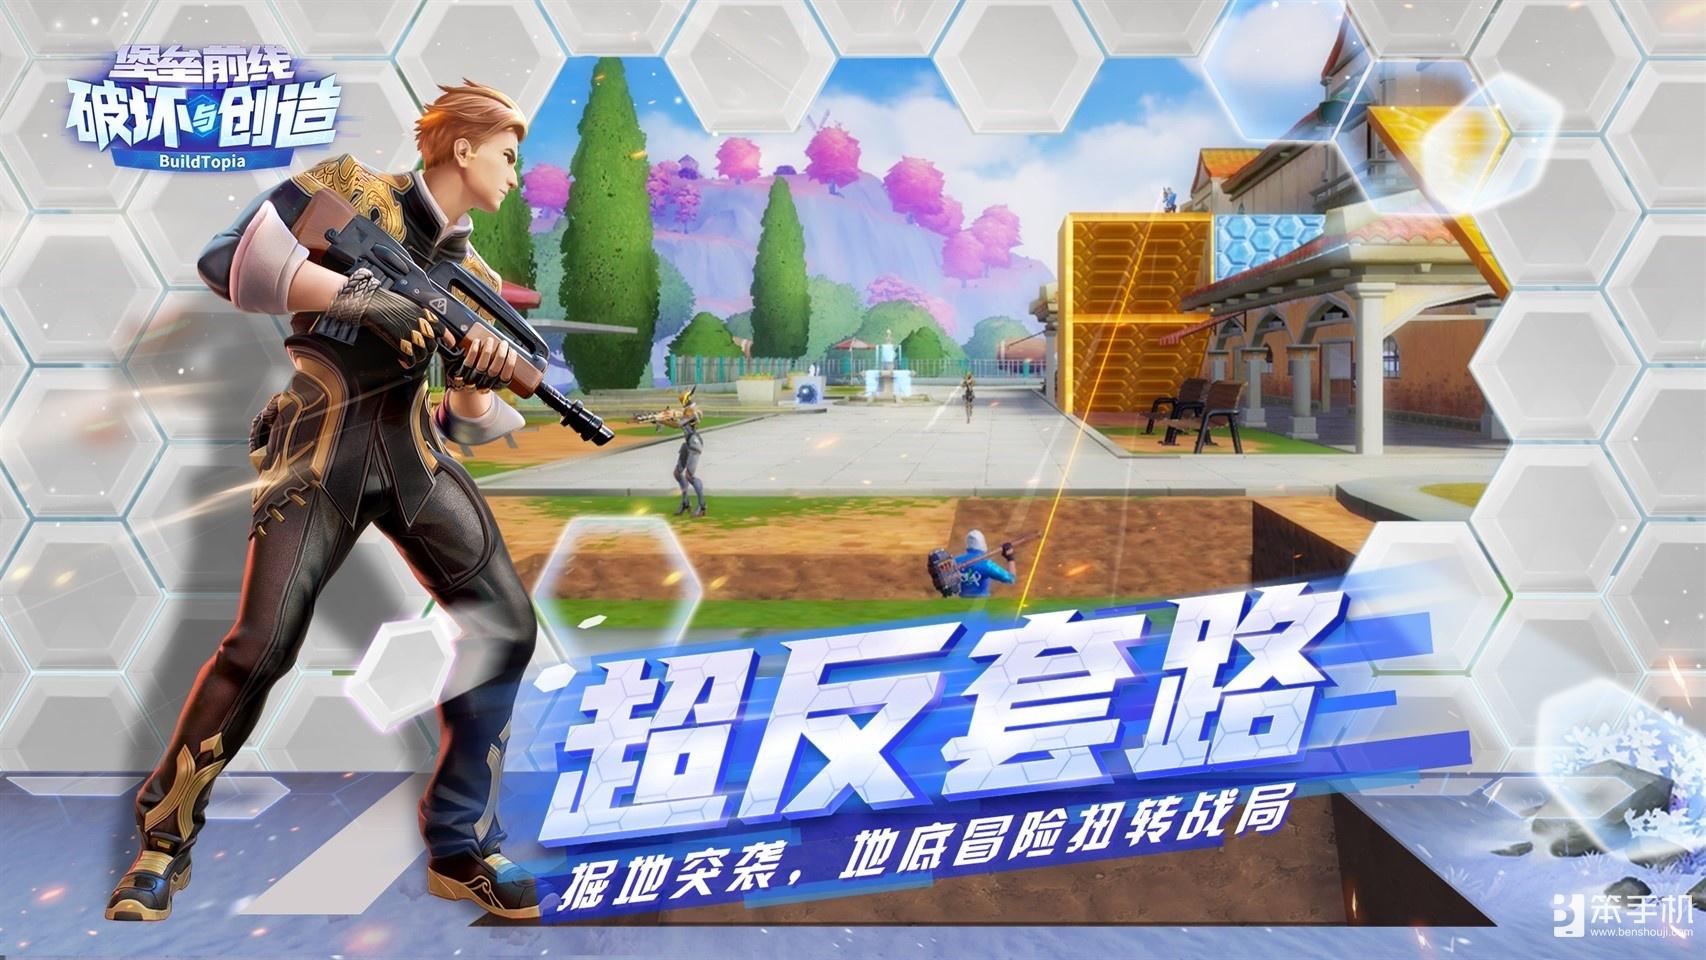 网易首款RCS射击手游《堡垒前线:破坏与创造》今日App